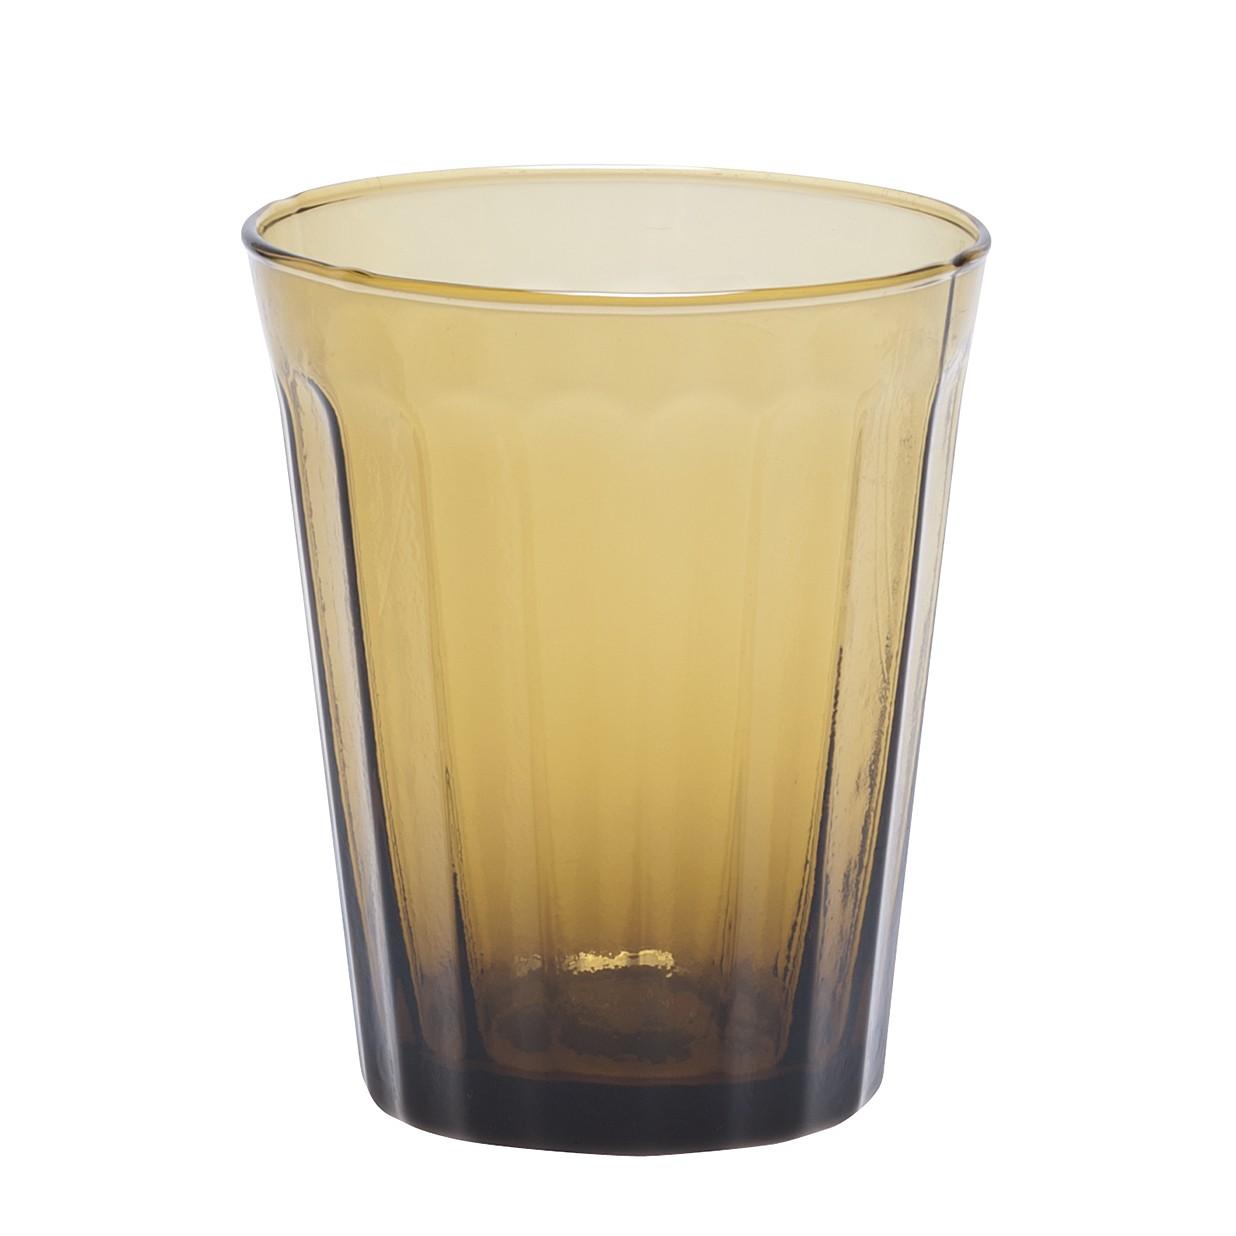 Trinkglas Lucca (6er-Set) – Glas – Olivgrün, BITOSSI HOME jetzt bestellen